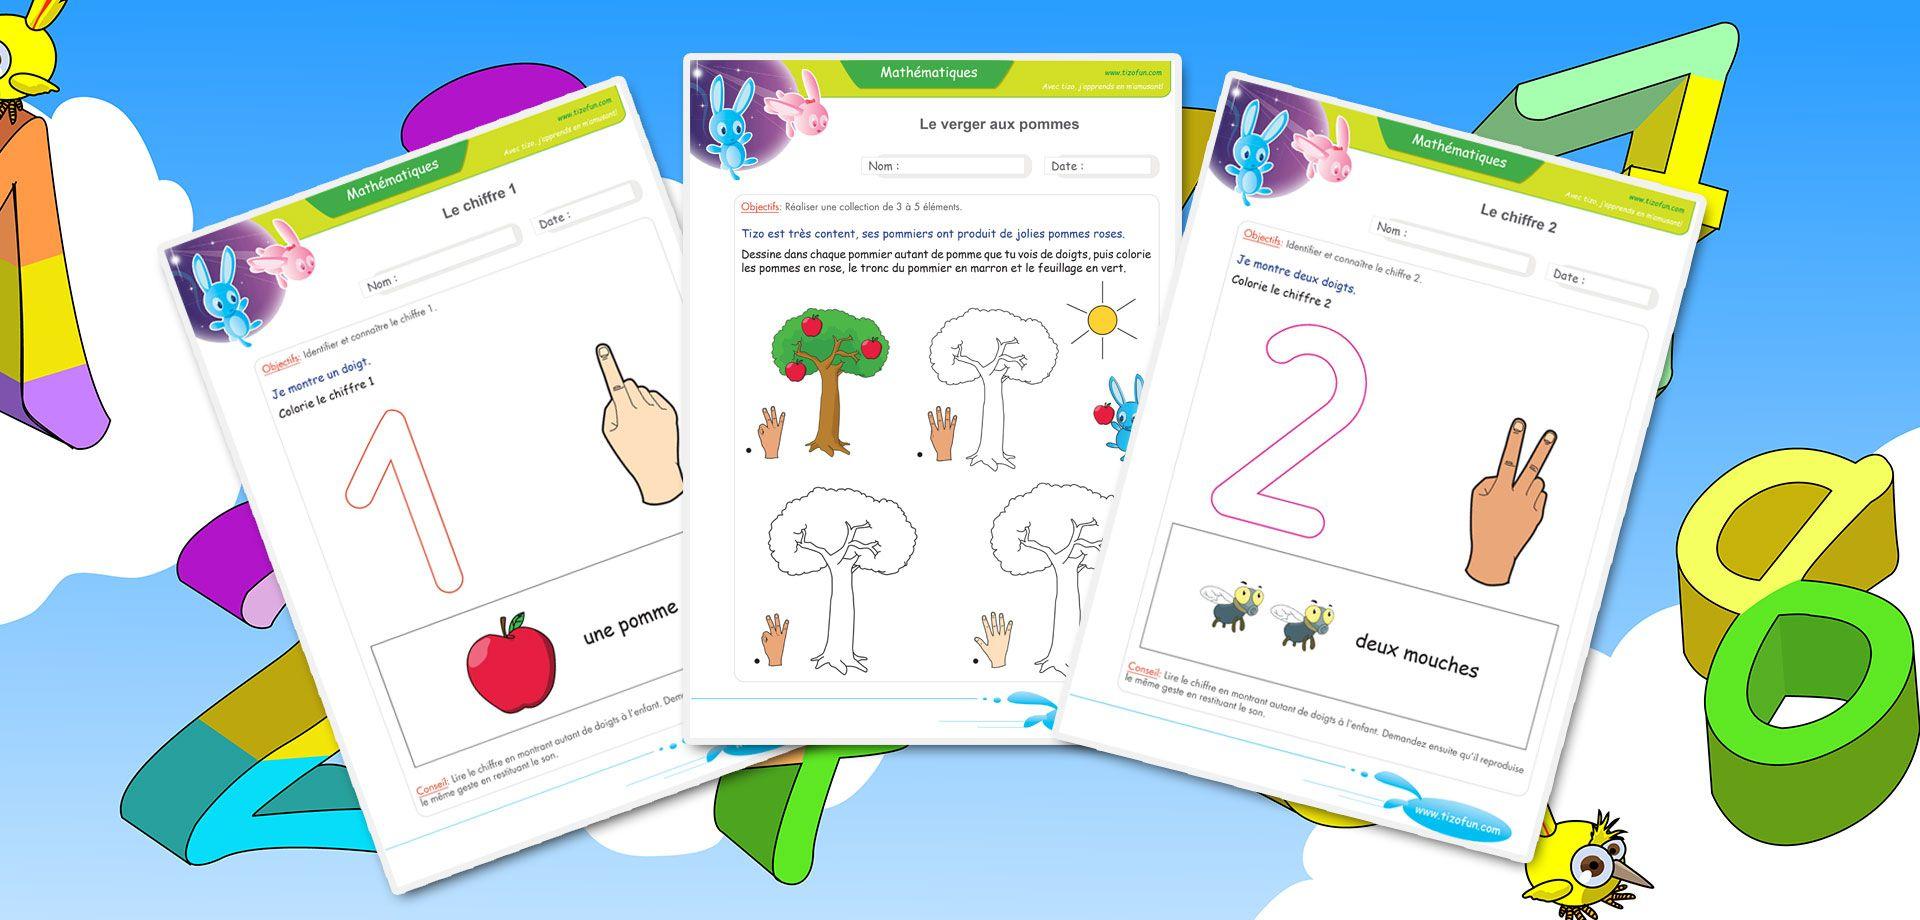 Maths Ps | Les Mathématiques Maternelle Petite Section à Jeux Maternelle Petite Section Gratuit